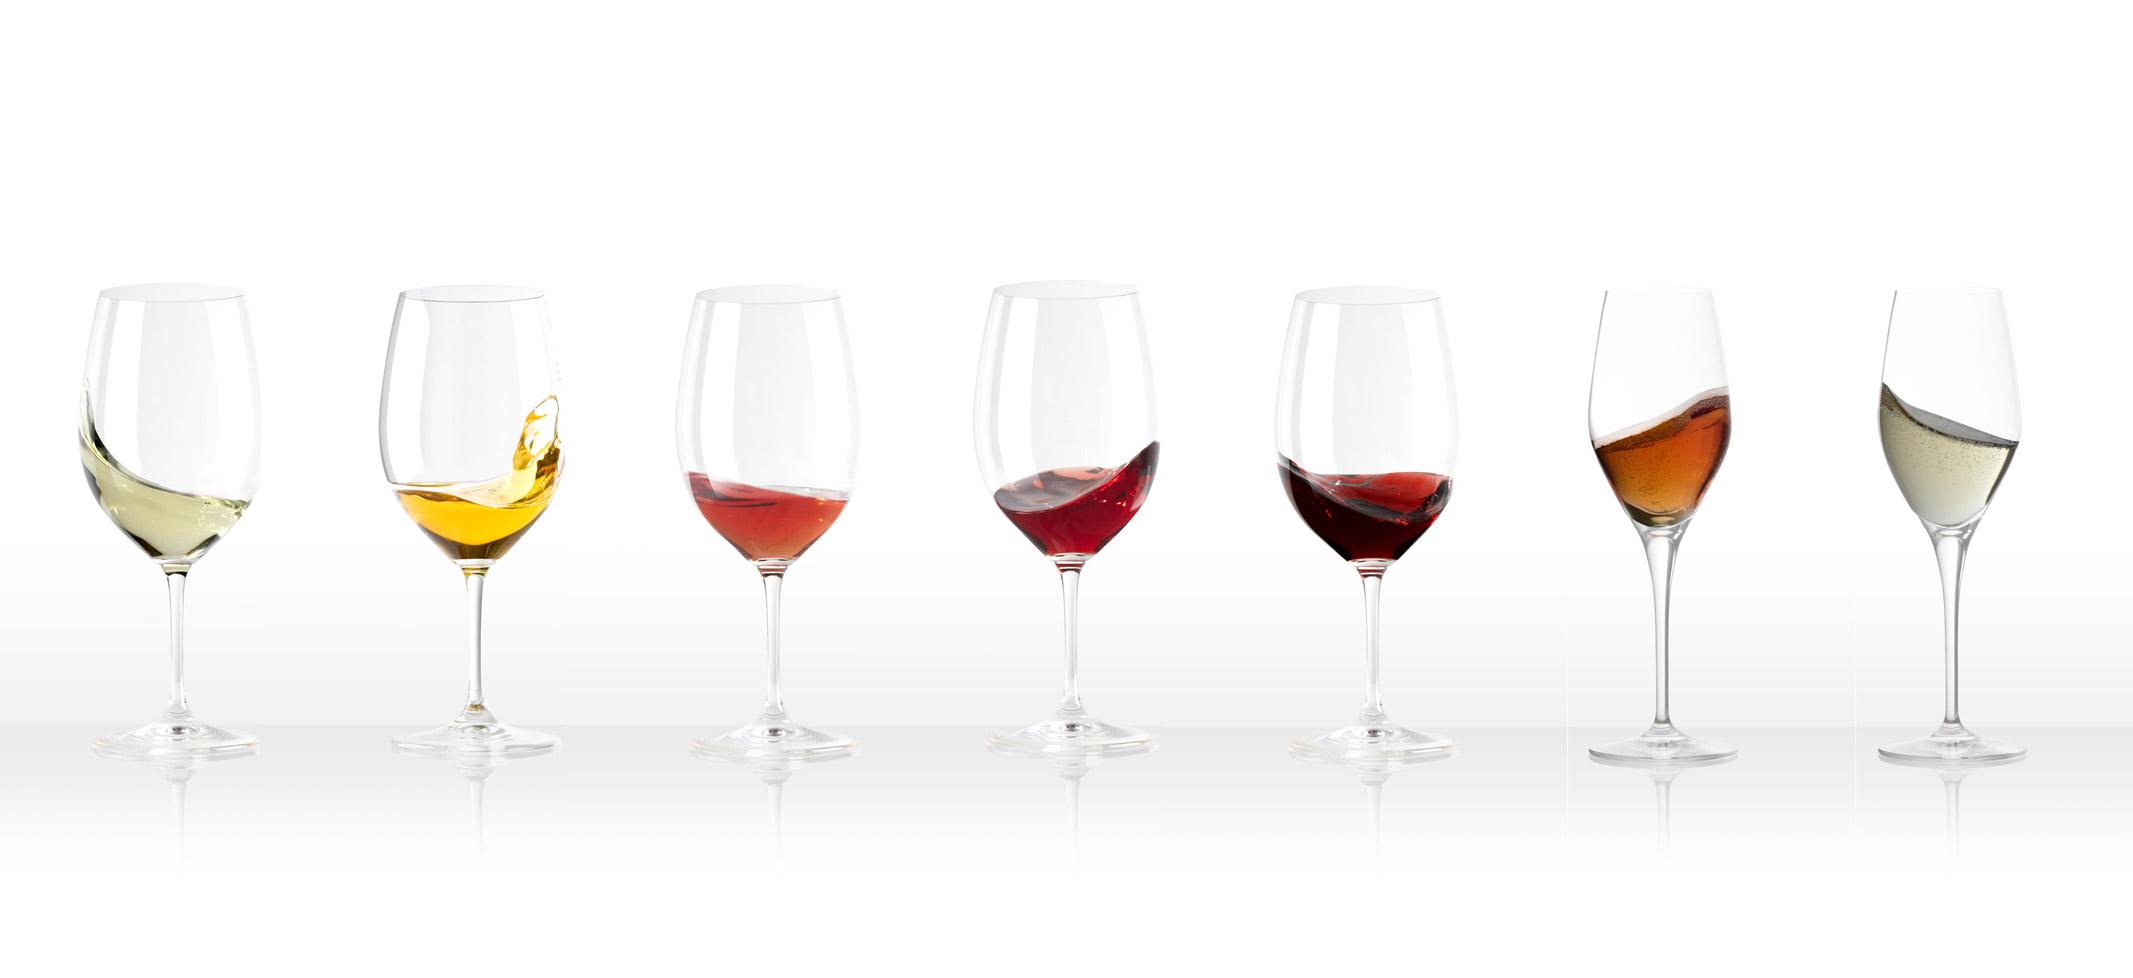 Cave à vin, mettez à température vos bouteilles